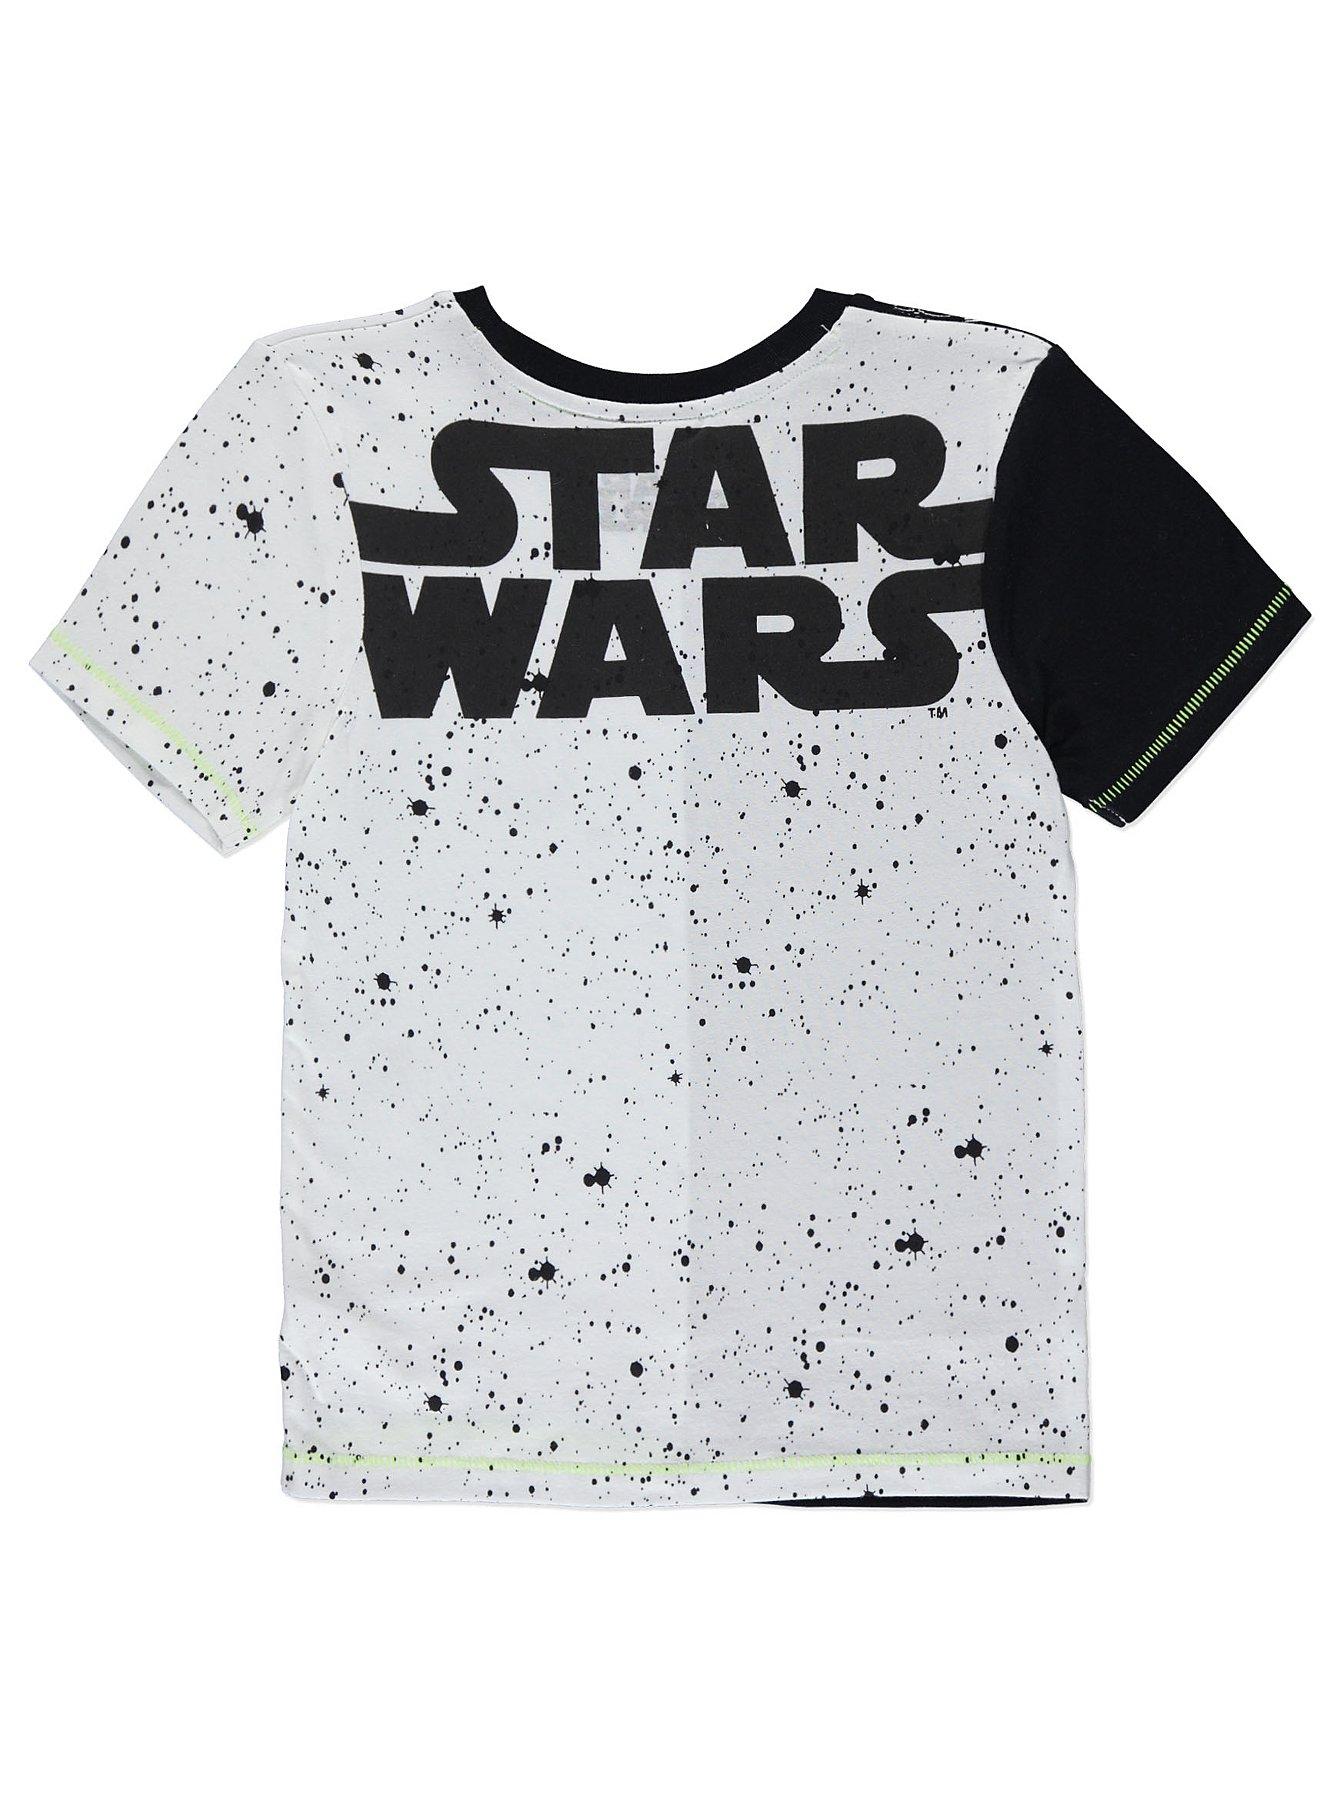 Black t shirt asda - Black T Shirt Asda 39